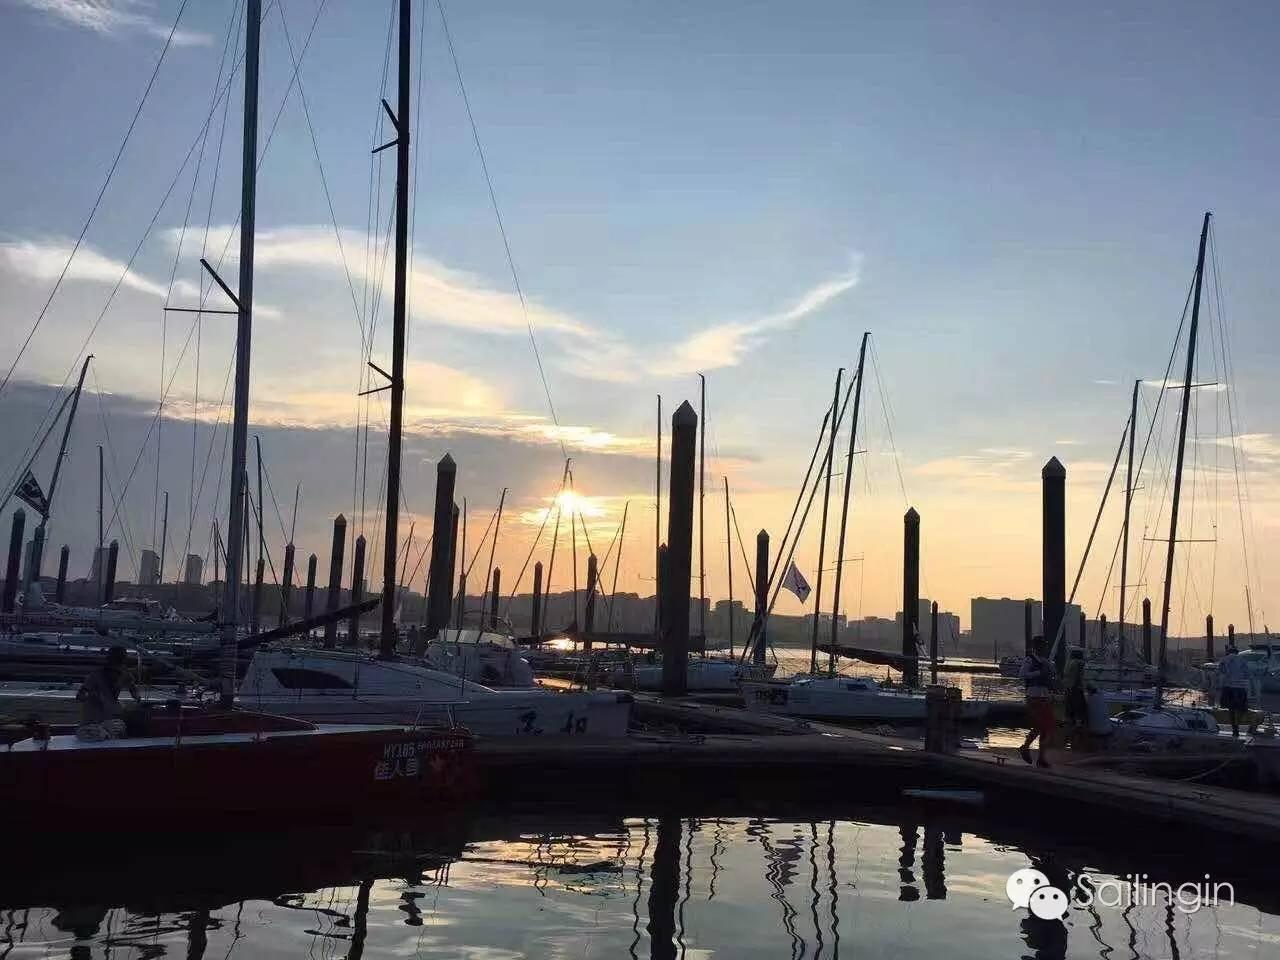 阳光,天气,厦门,工作人员,挑战赛 台风过后,有阳光照进心里,2016中国俱乐部杯帆船挑战赛堪称史上最温暖的帆船赛。 3d40e338355cbd808448b8b1a78f98a9.jpg